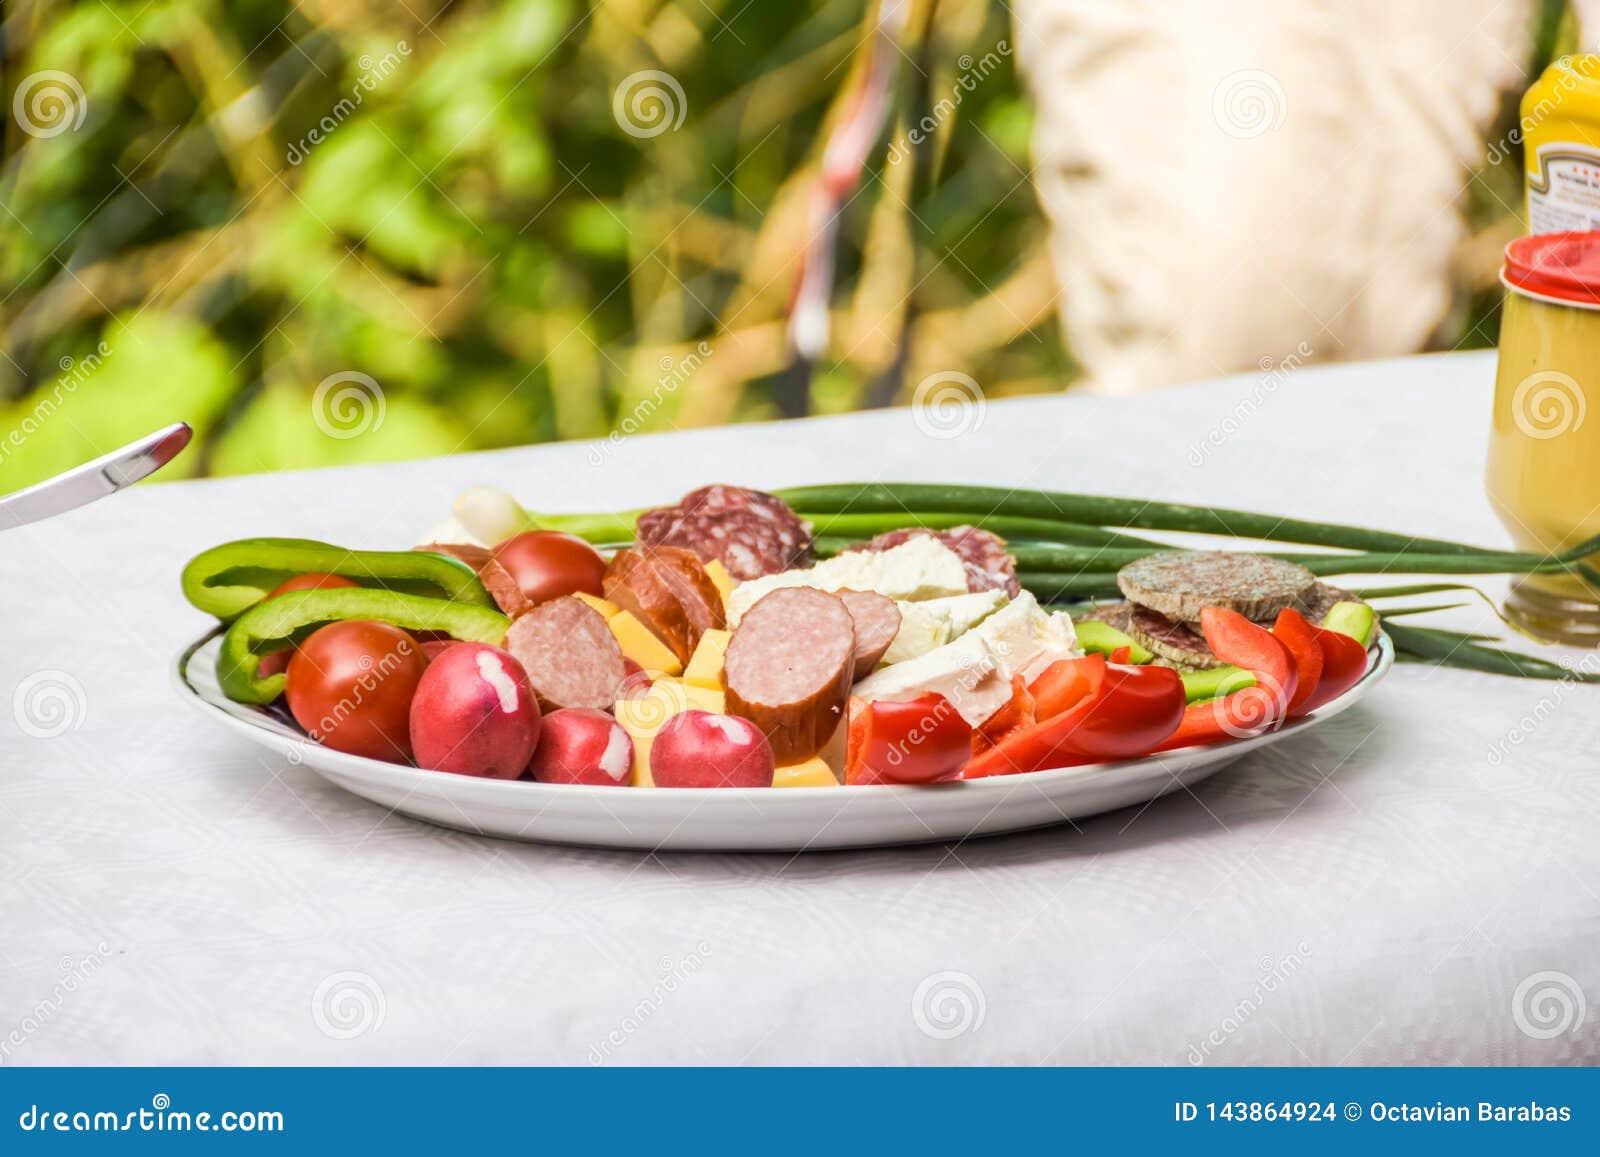 Балканская плита закуски стиля с сосиской и сыром